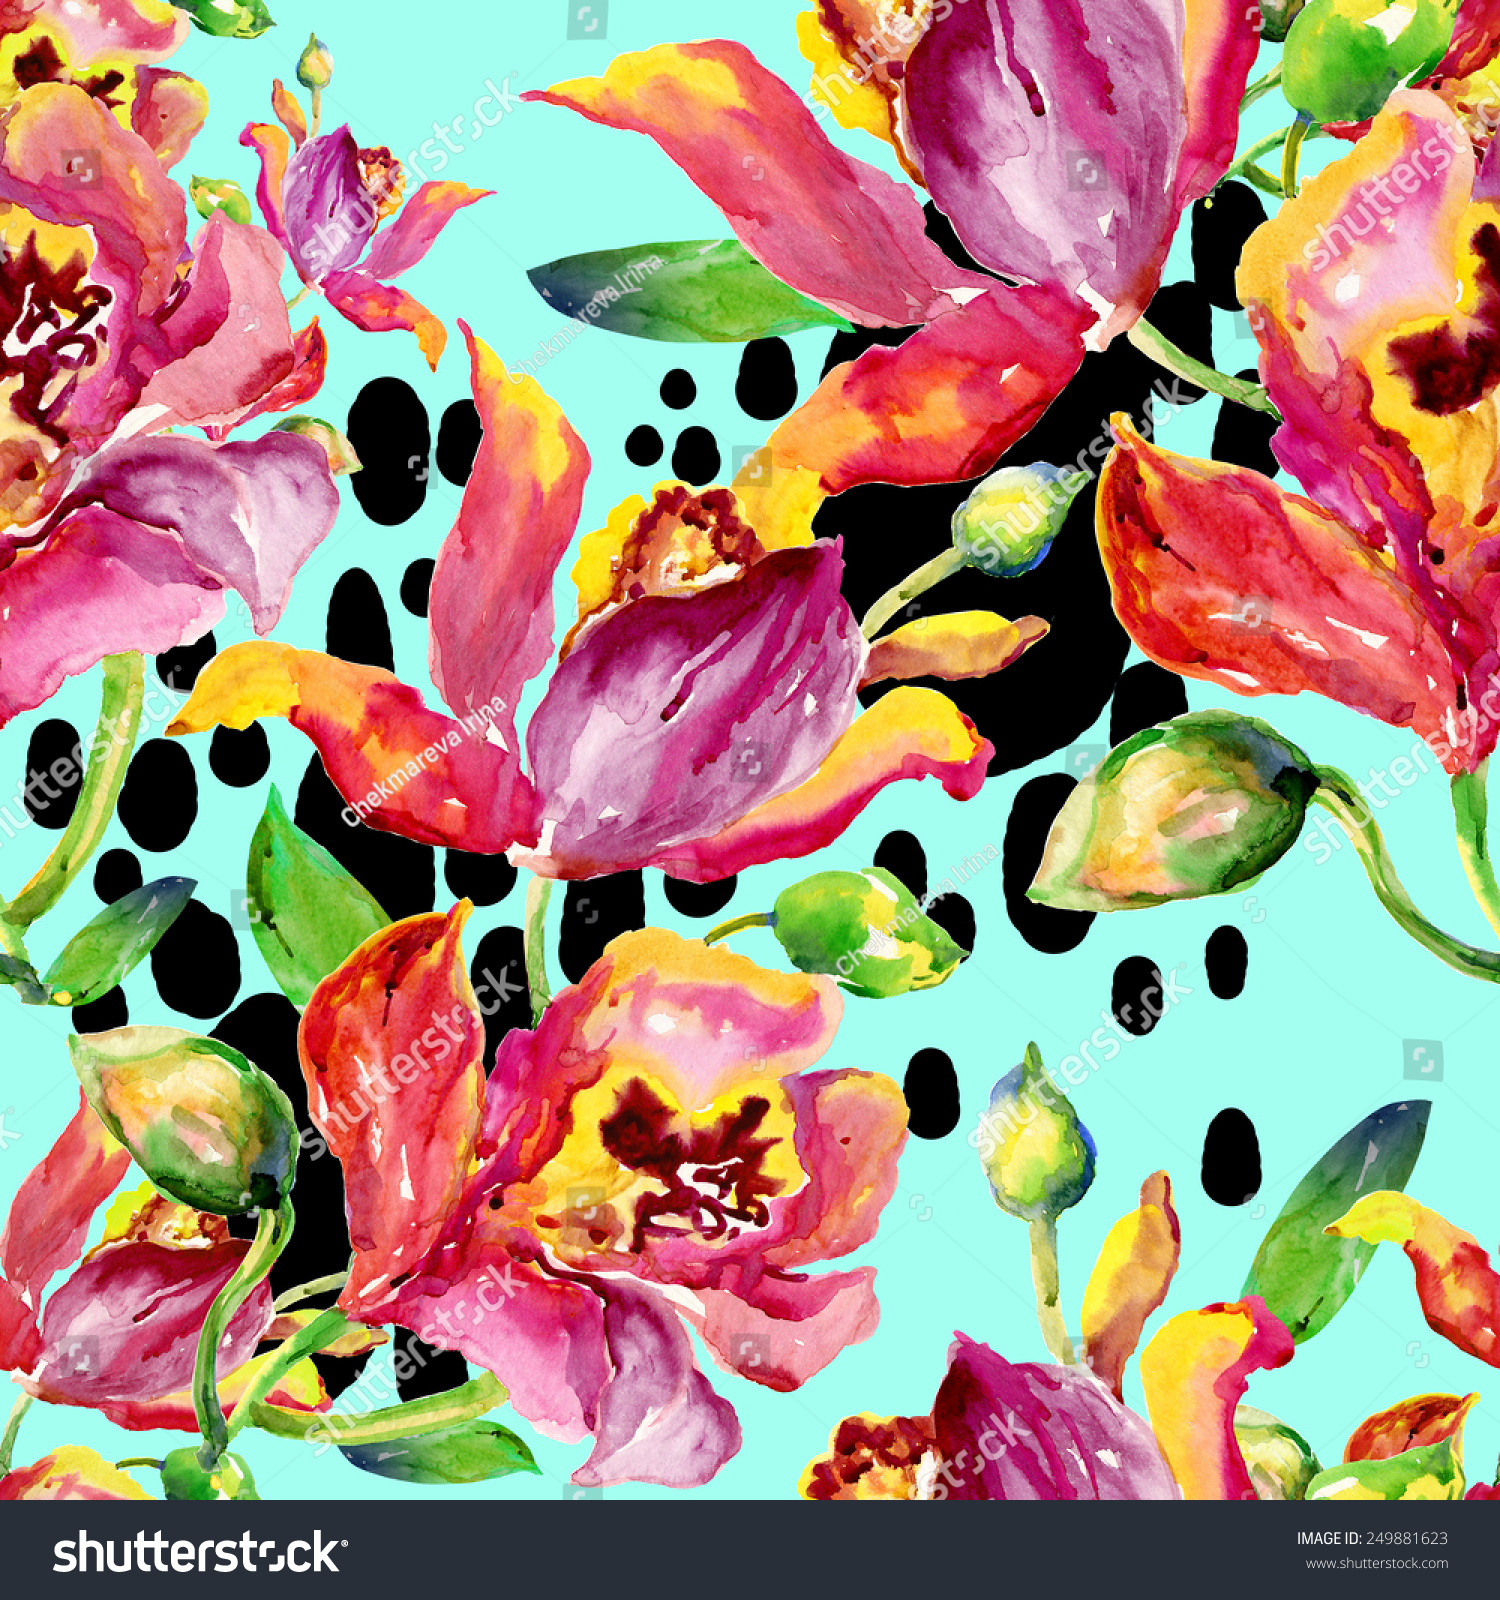 手画水彩画.美丽的原始模式,设计和装饰.美妙的打印.